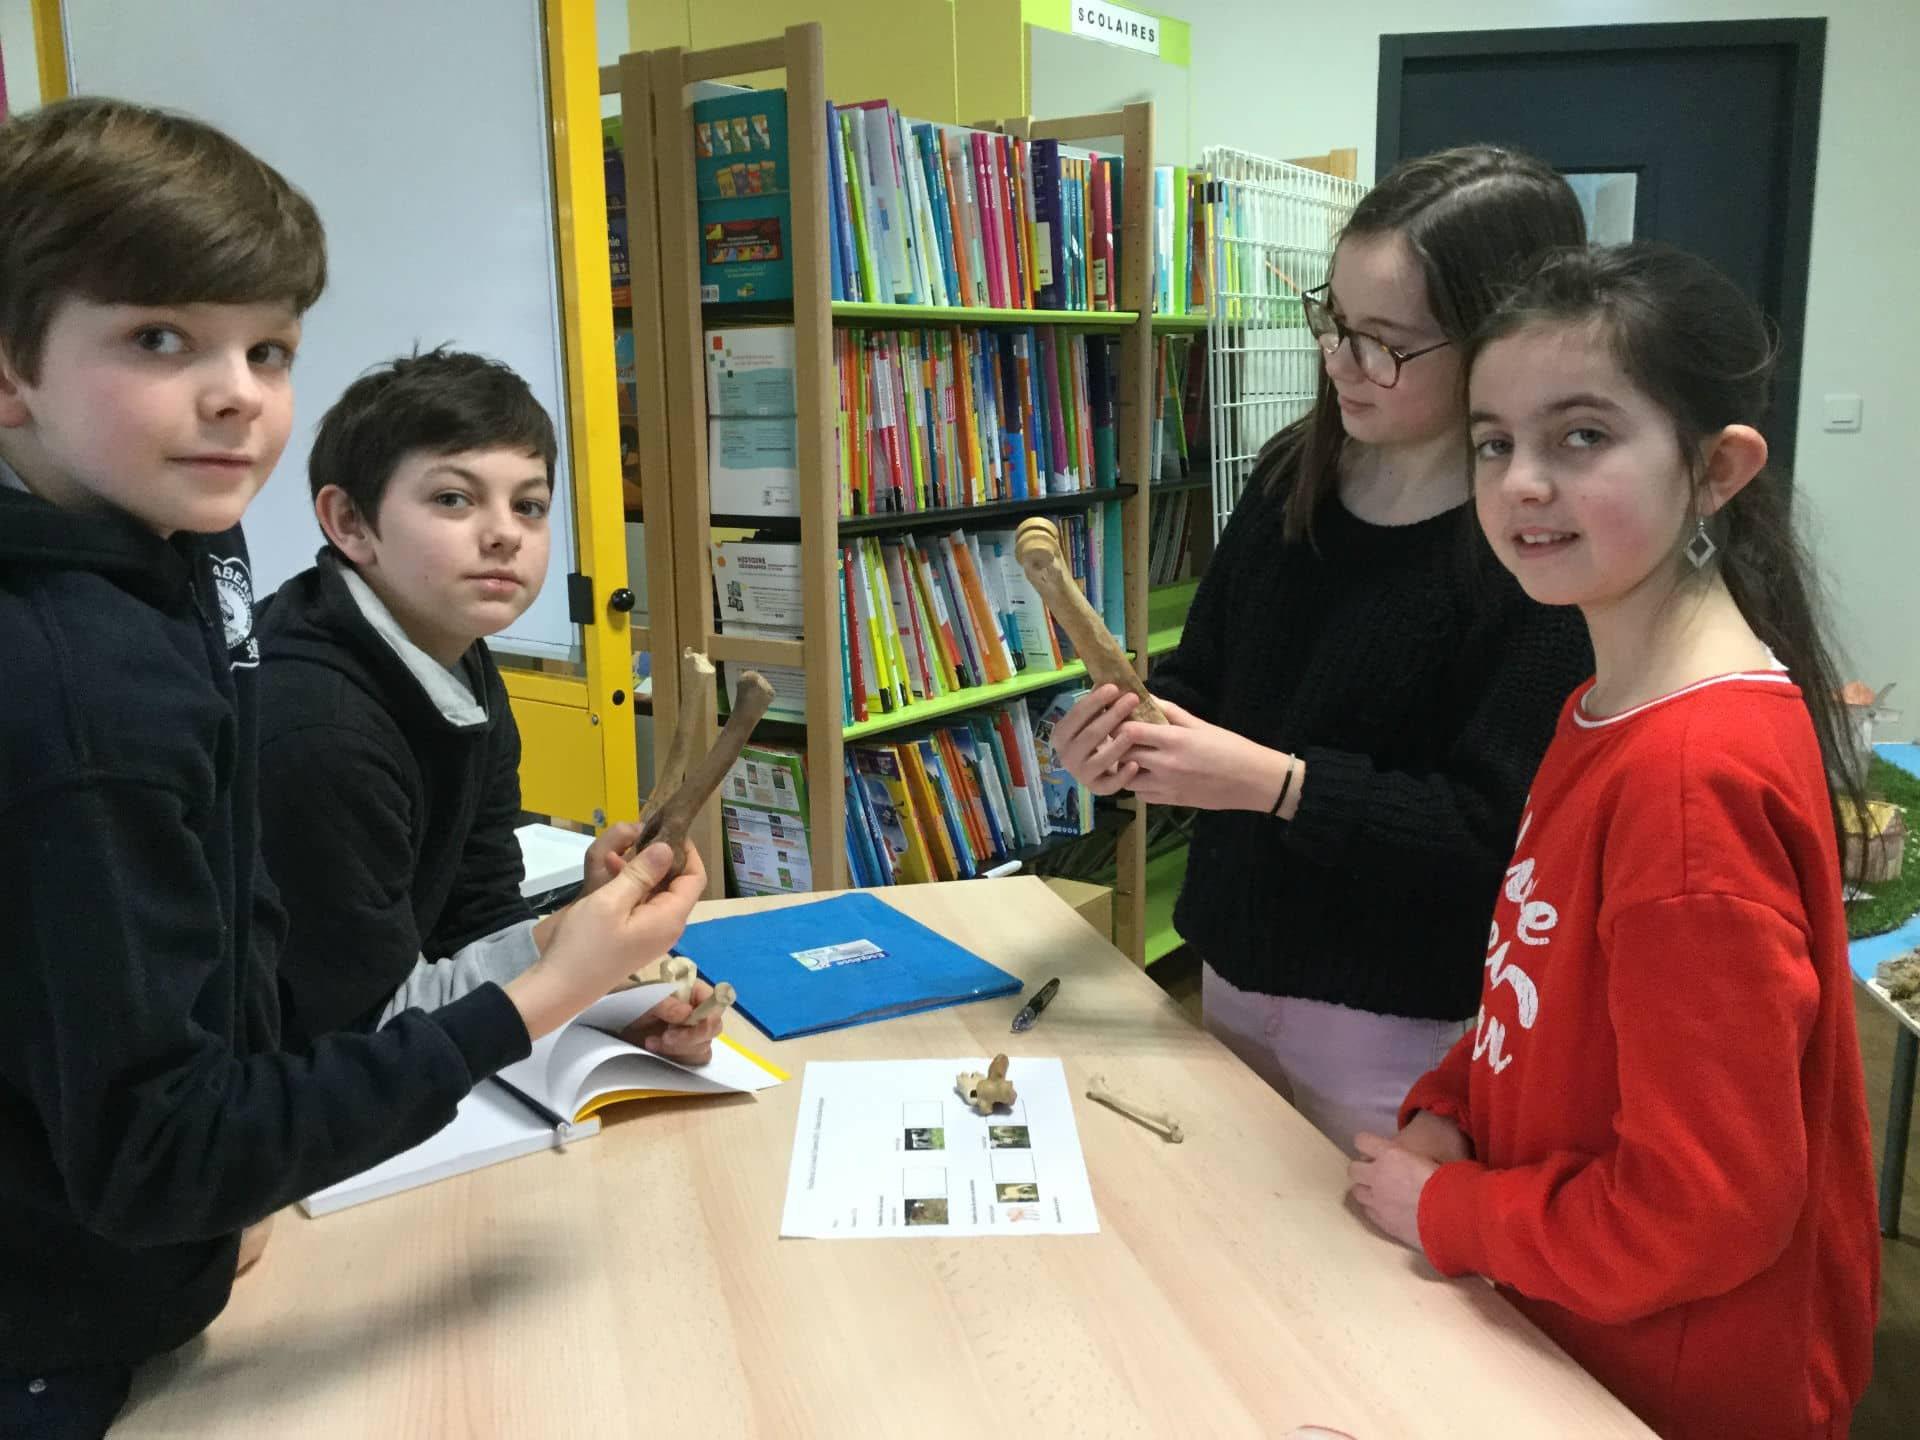 Un atelier d'archéologie au Collège Saint-Antoine de Lannilis